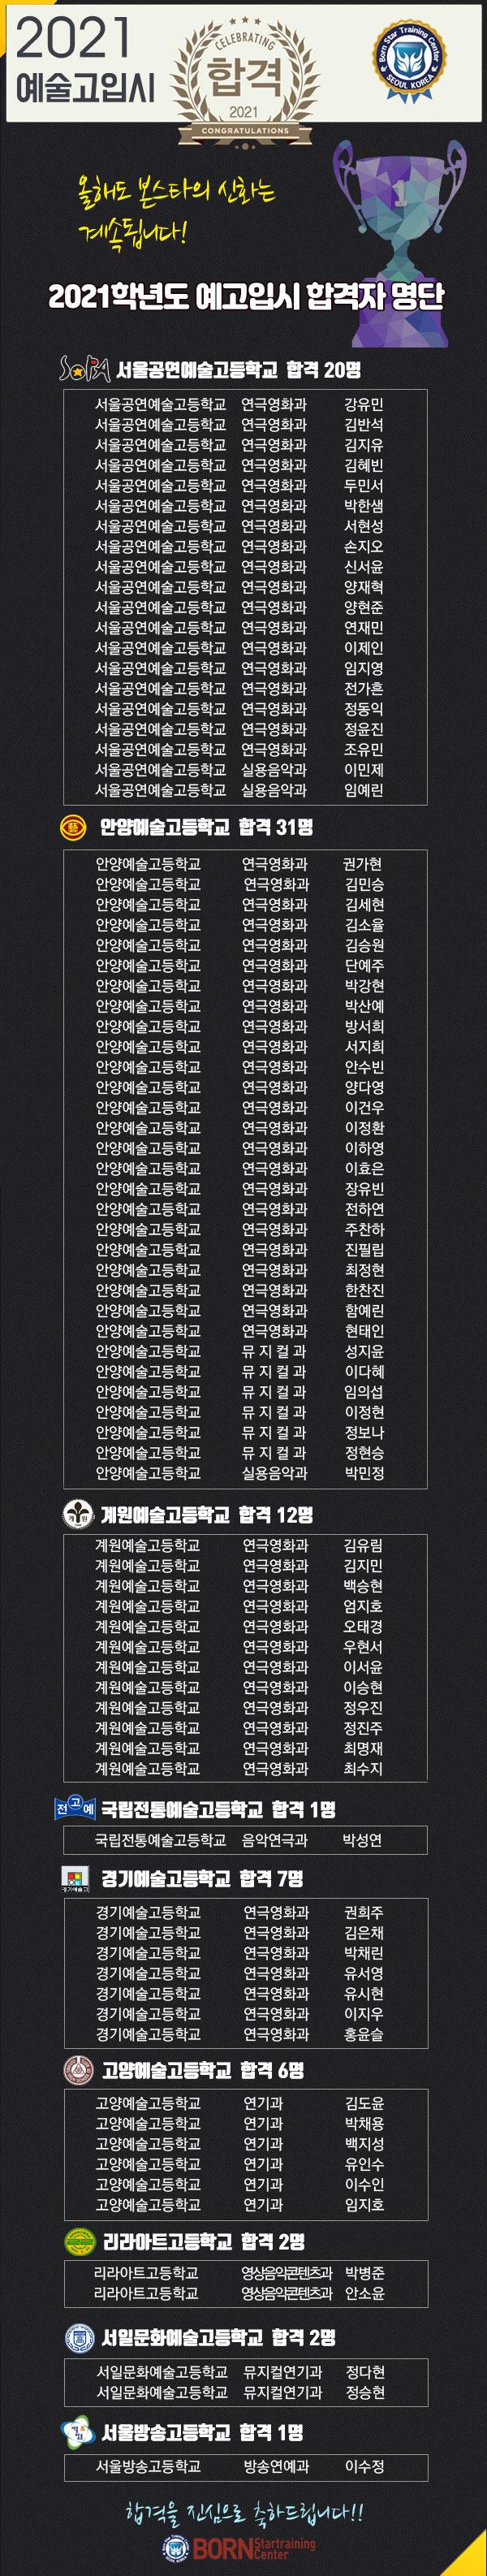 본스타 합격 수강생 명단2021